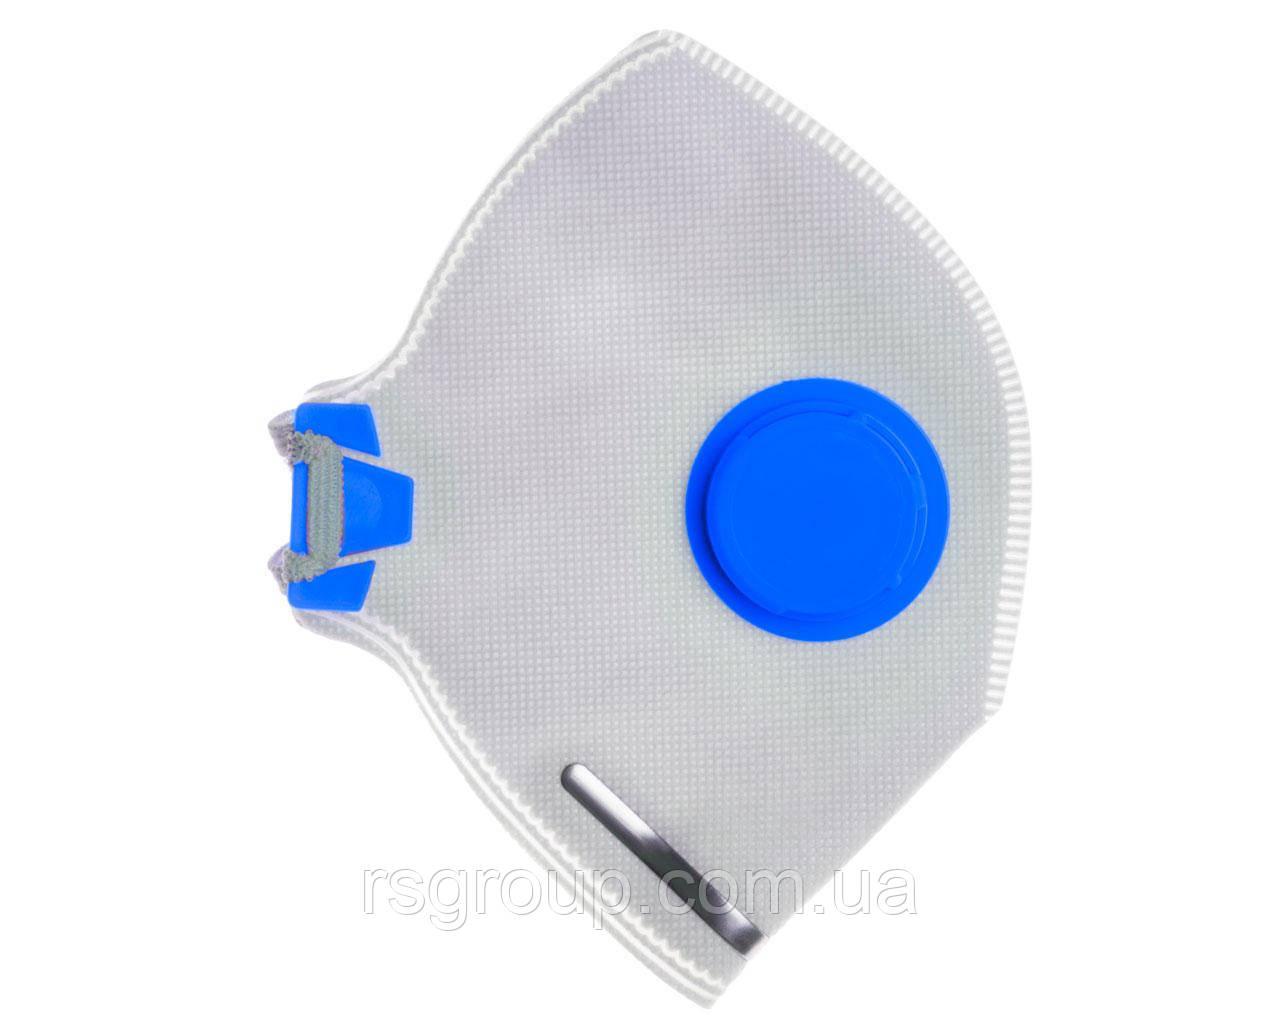 Спектр-1К с клапаном синий (аналог Росток)